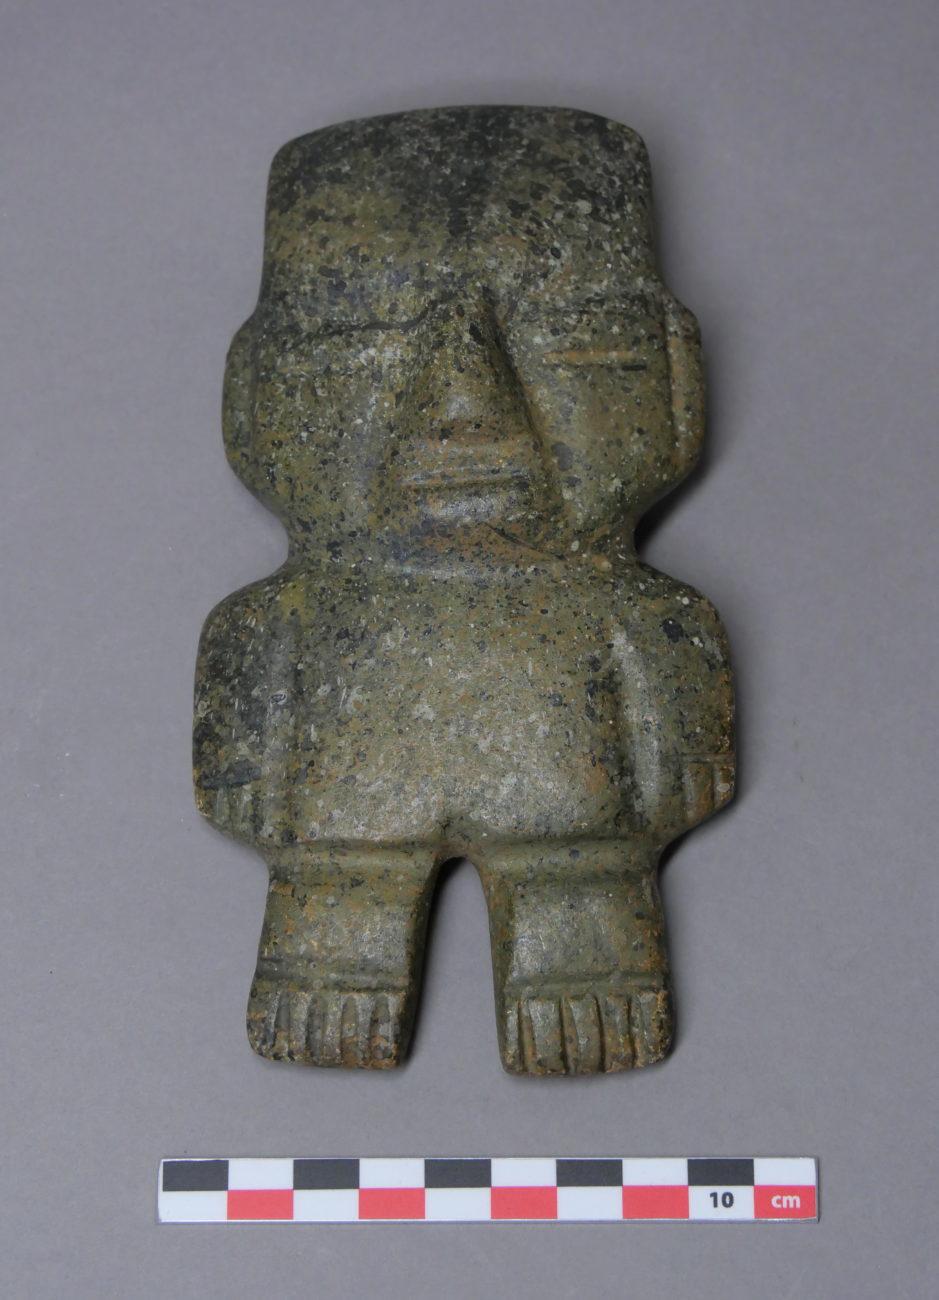 Restauration d'une figurine artéfact de statuette d'Amérique